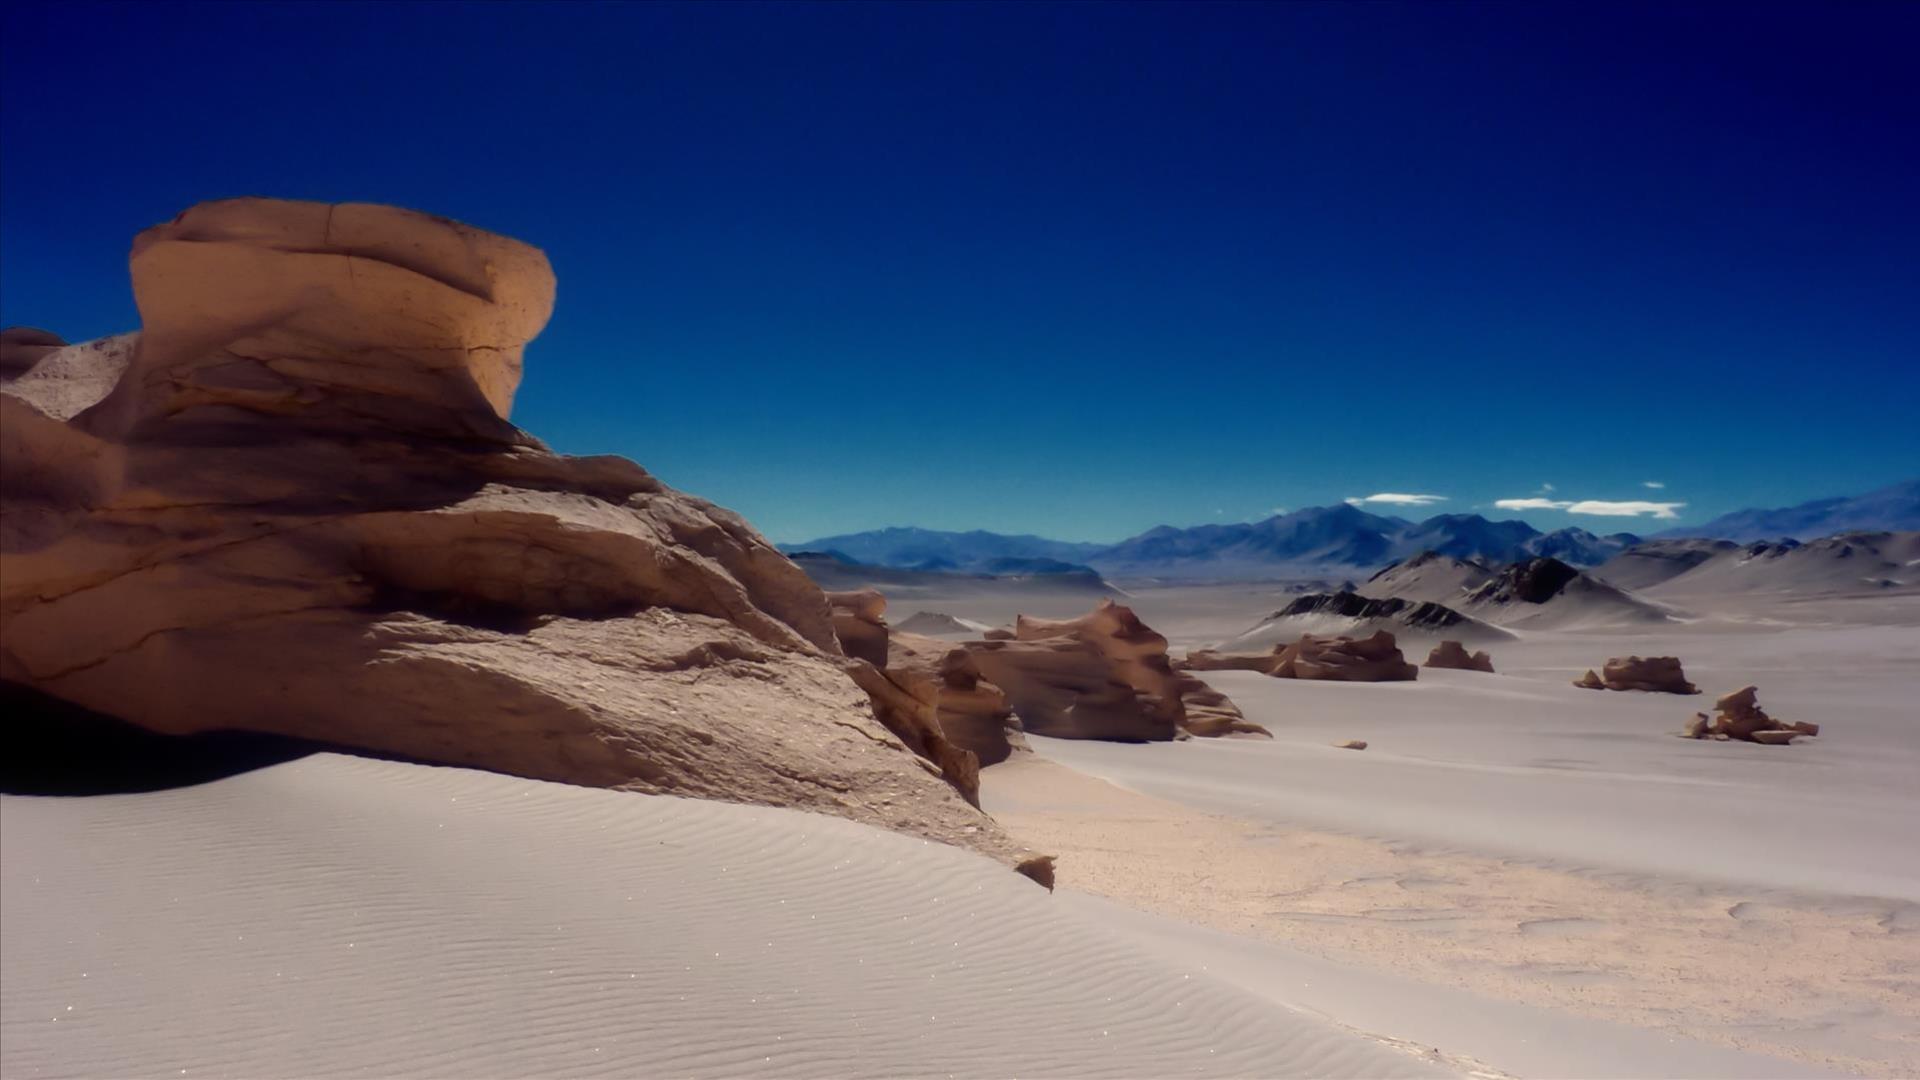 Argentinien, Chile / ab Salta: 10 Tage Rundreise - Puna & Atacama stilvoll erleben